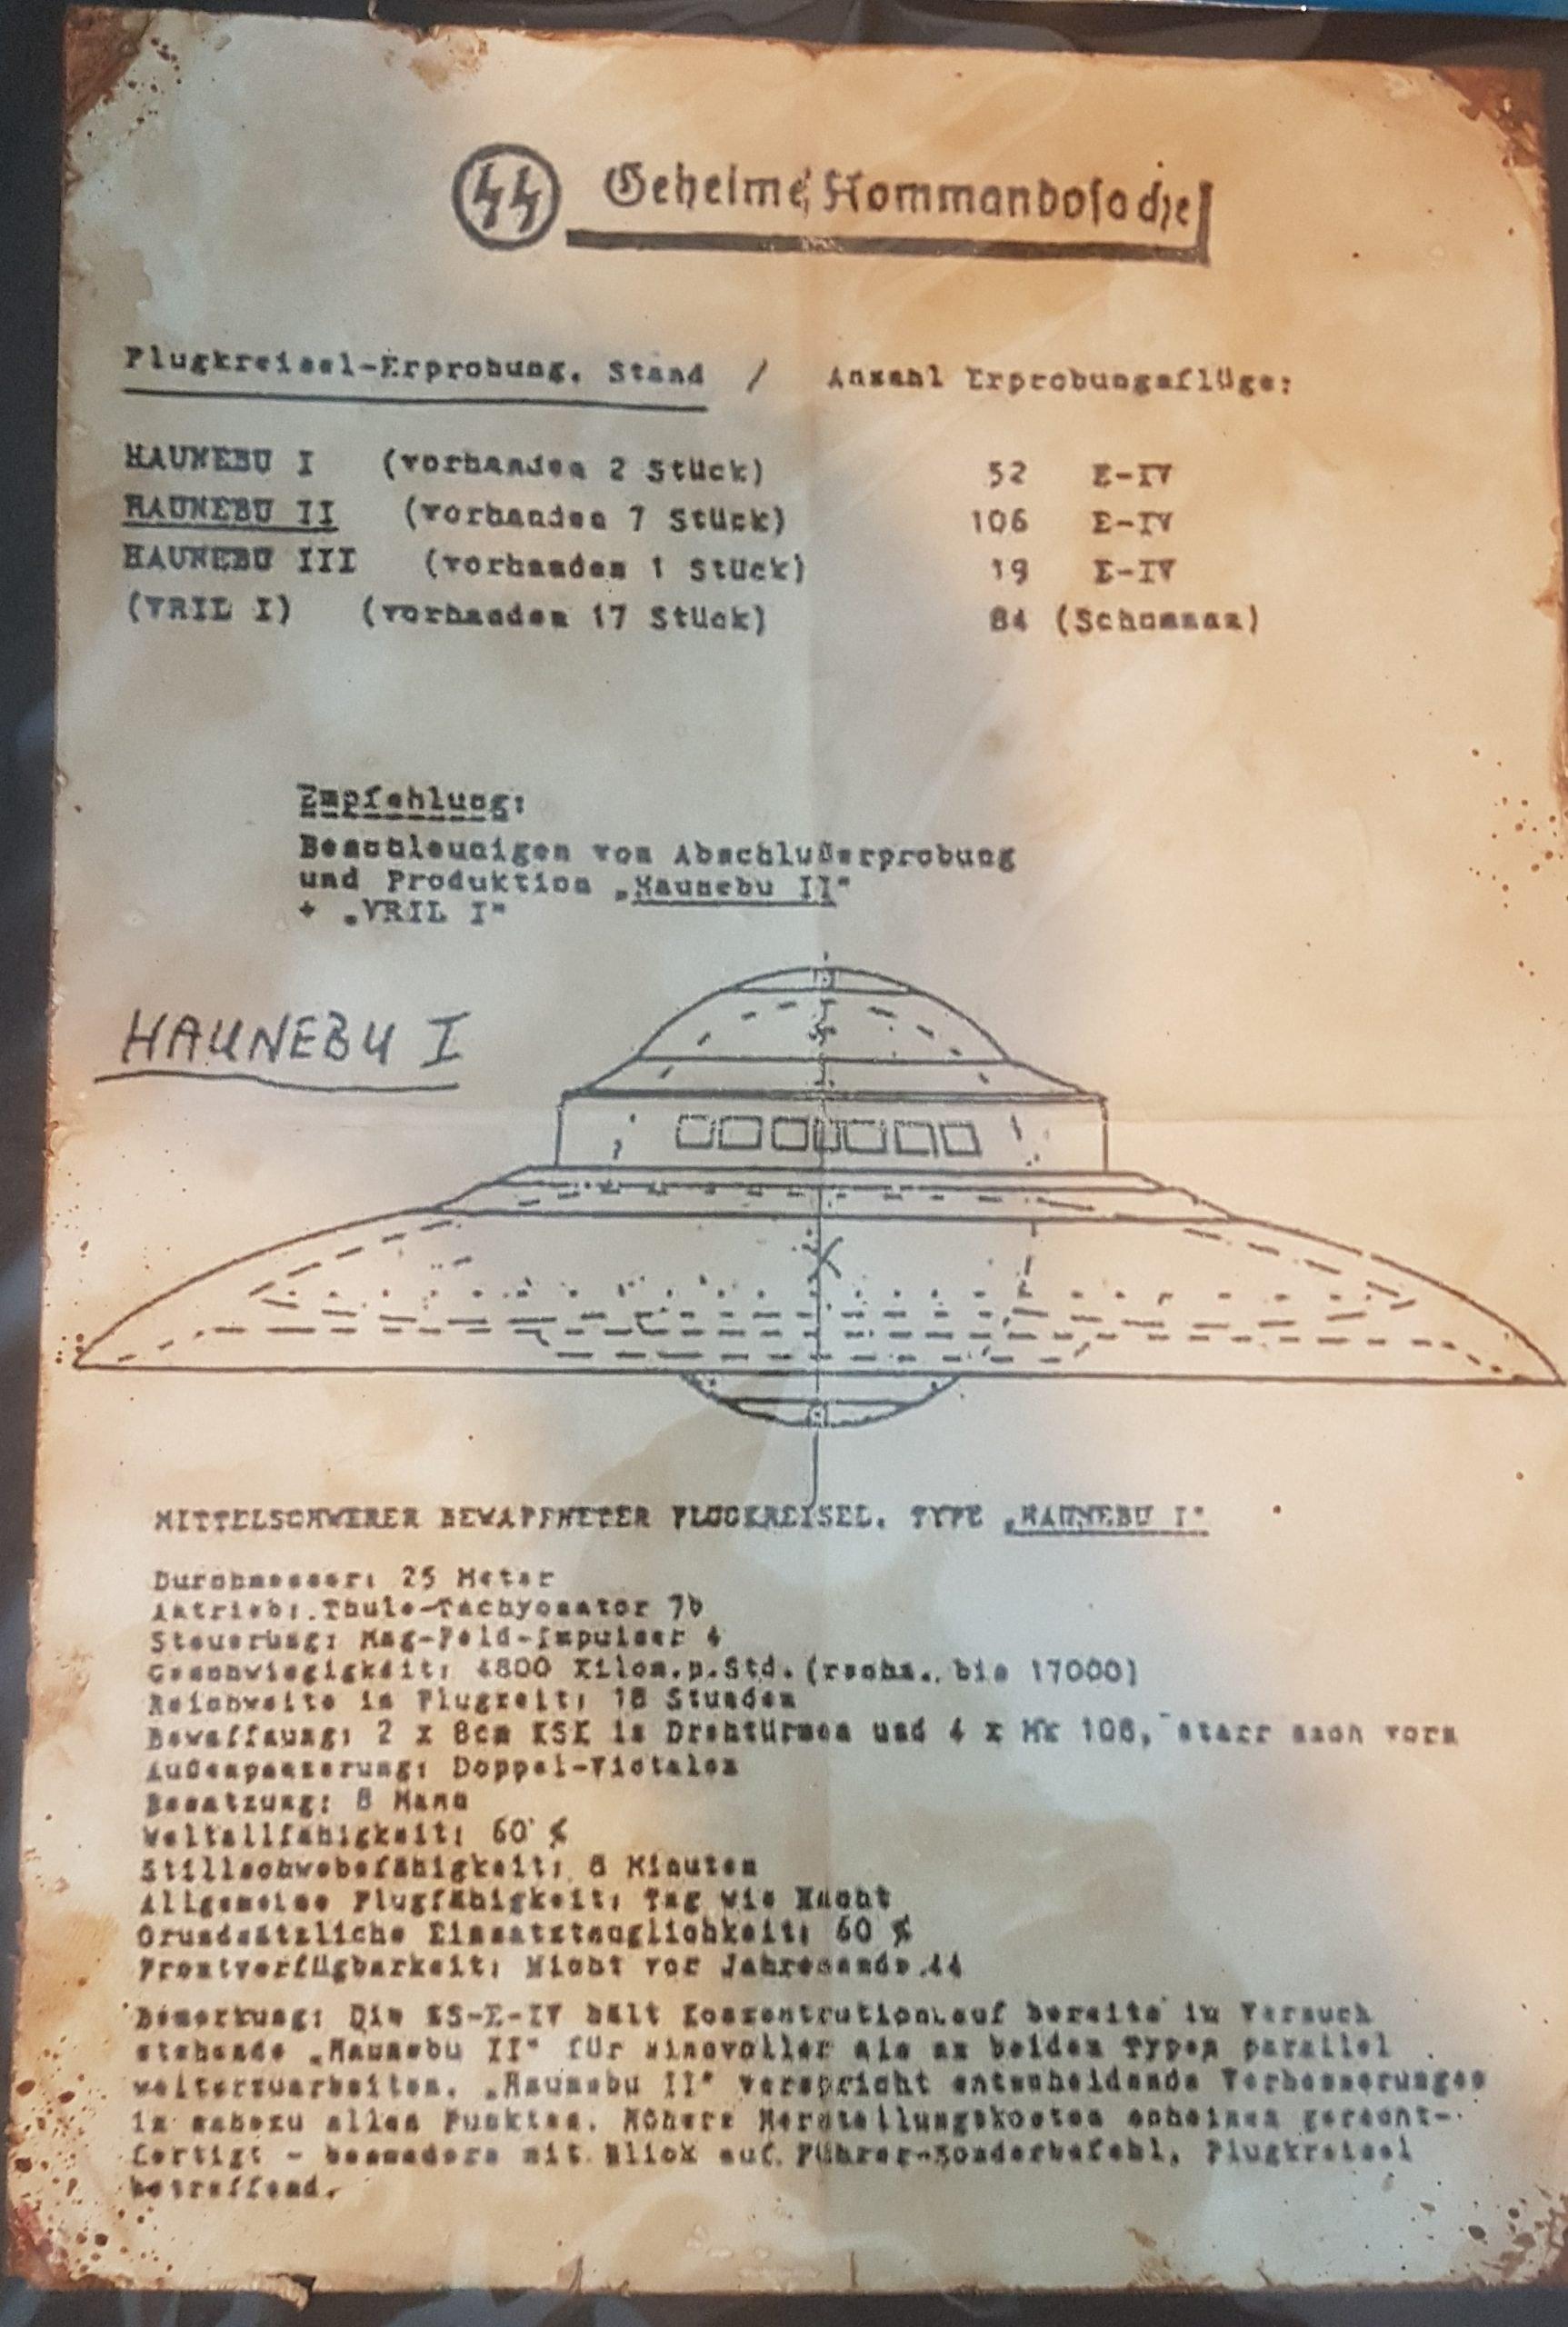 HAUNEBU, la leyenda del Ovni Nazi 4